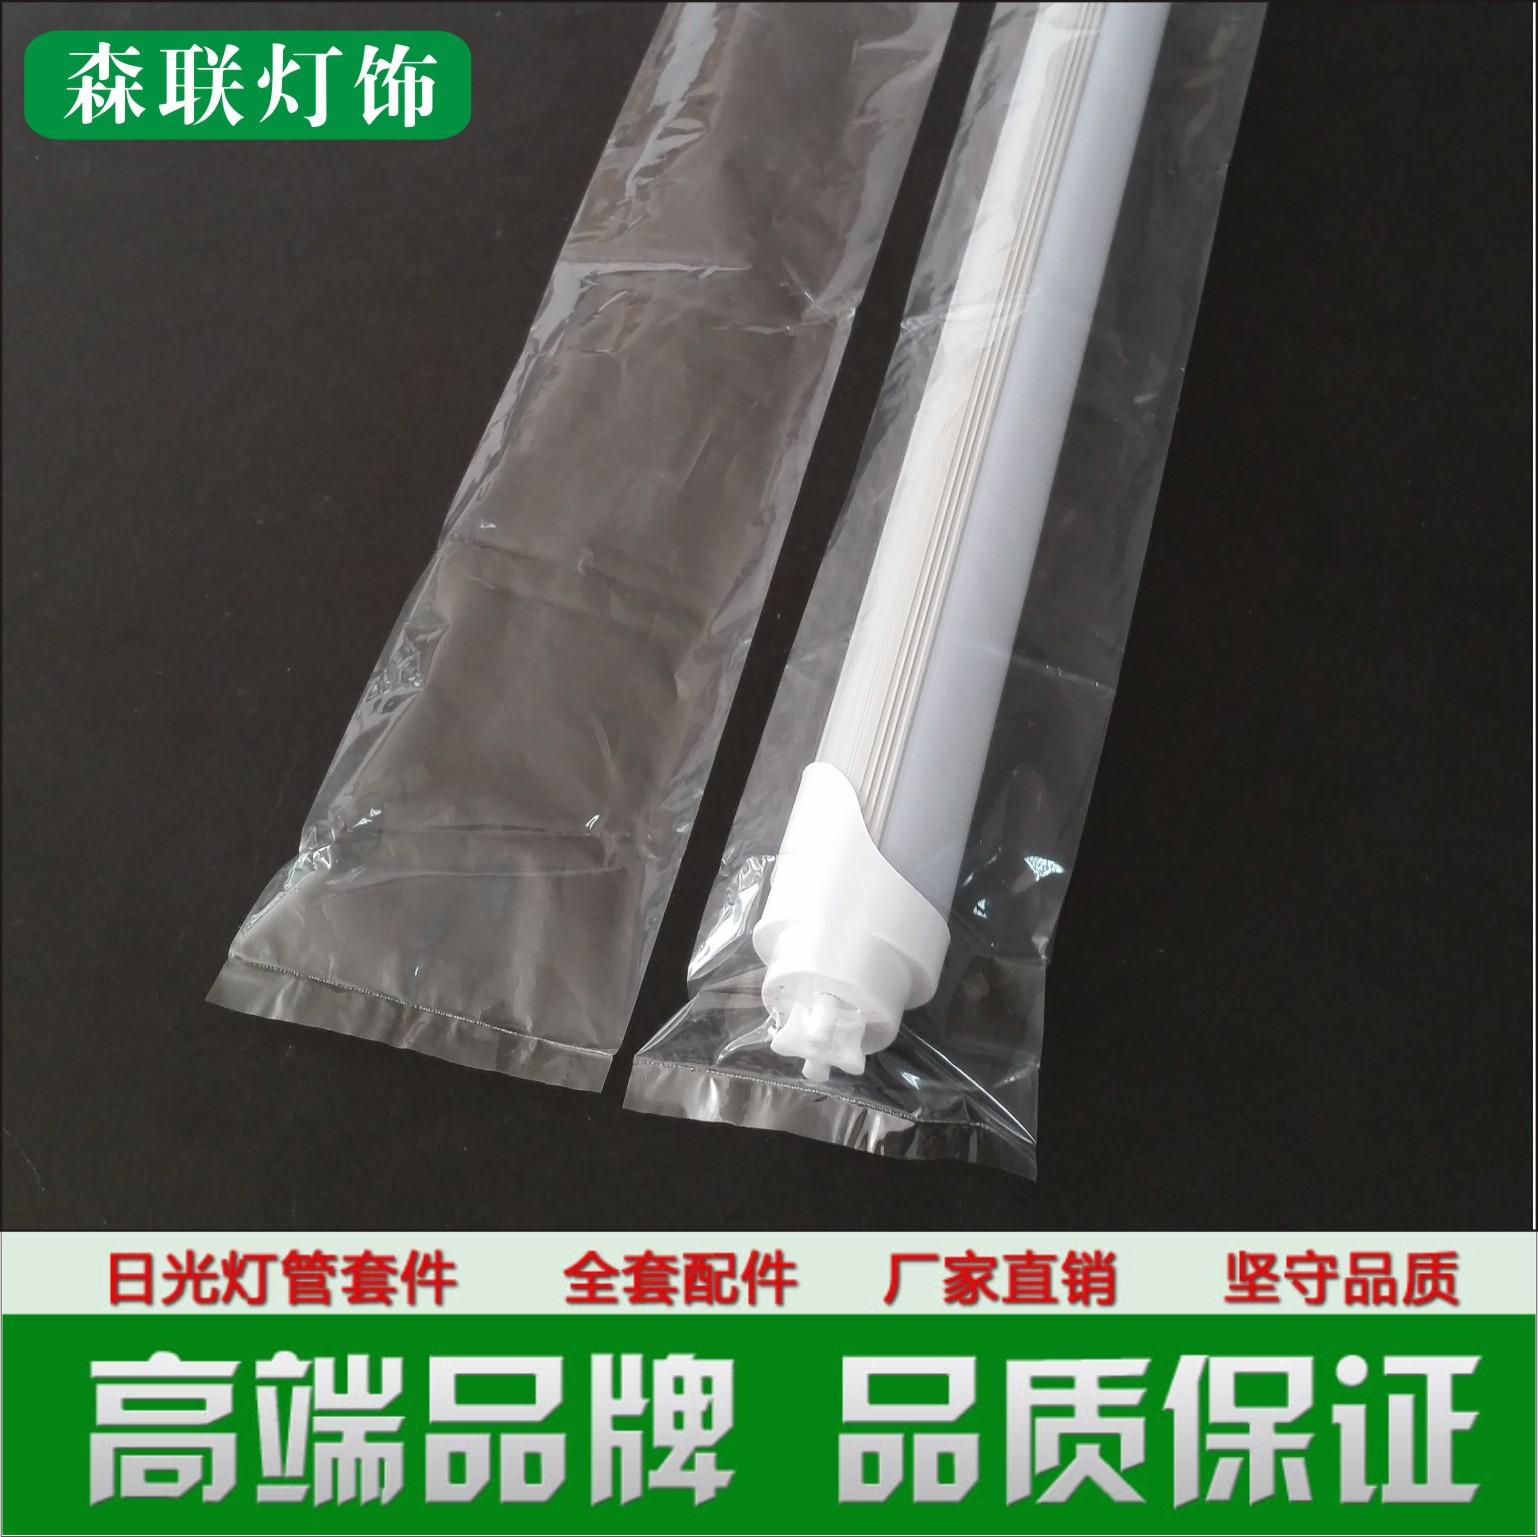 大量现货T5 T8日光灯管胶袋 led包装袋 透明PE套袋包材 厂家直销